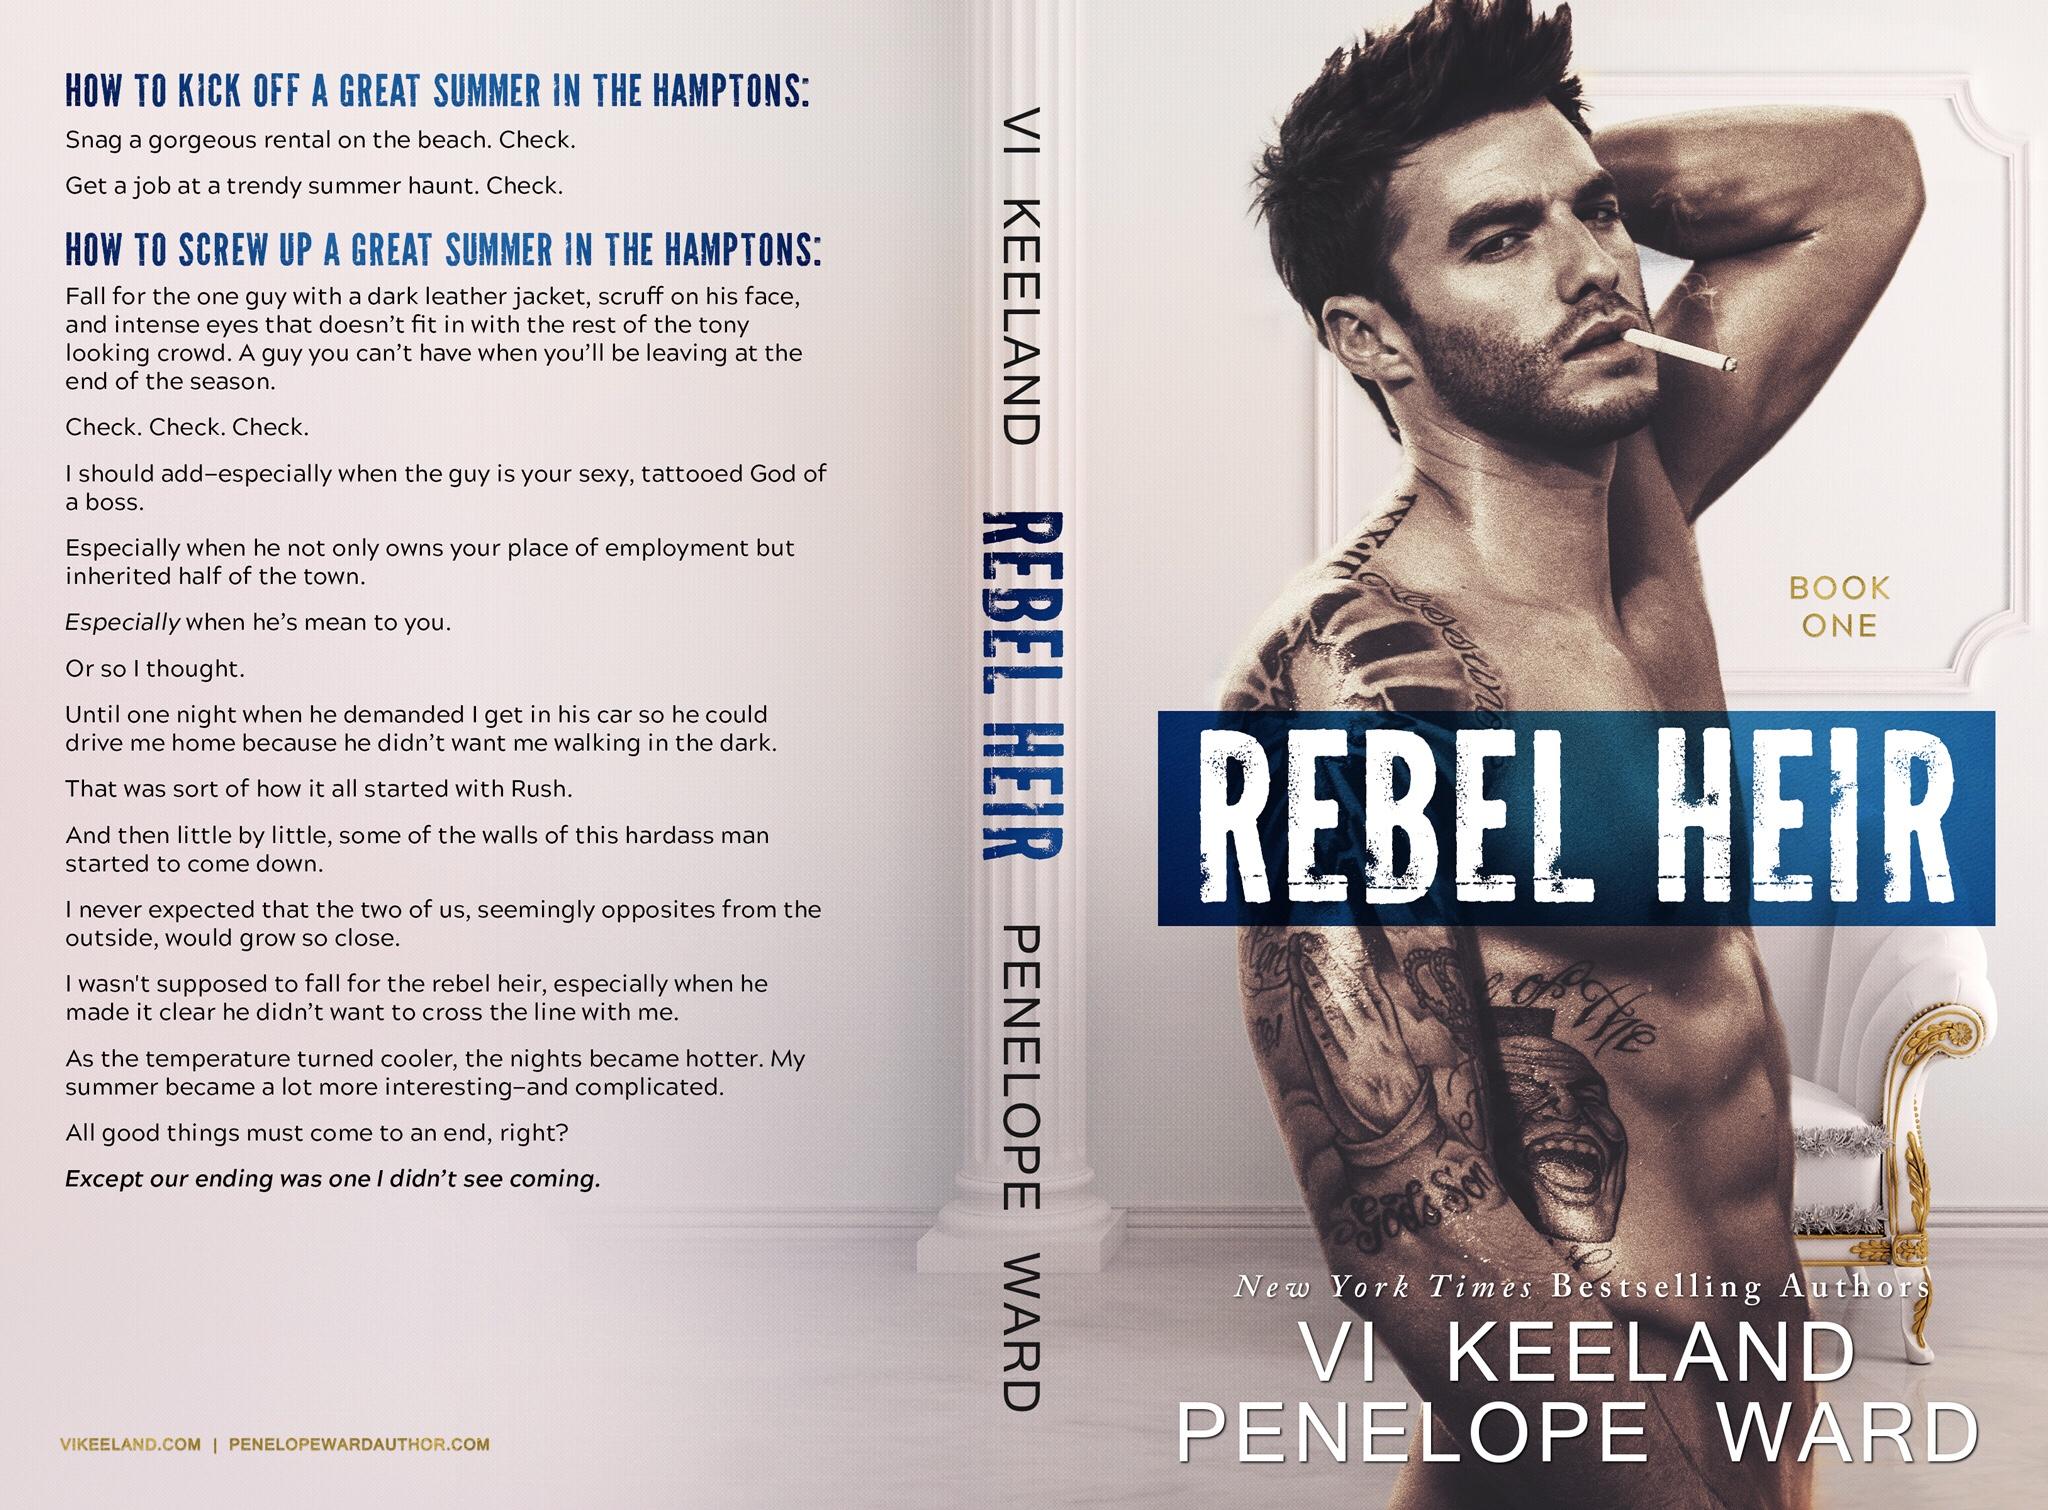 REBEL HEIR by Vi Keeland and Penelope Ward